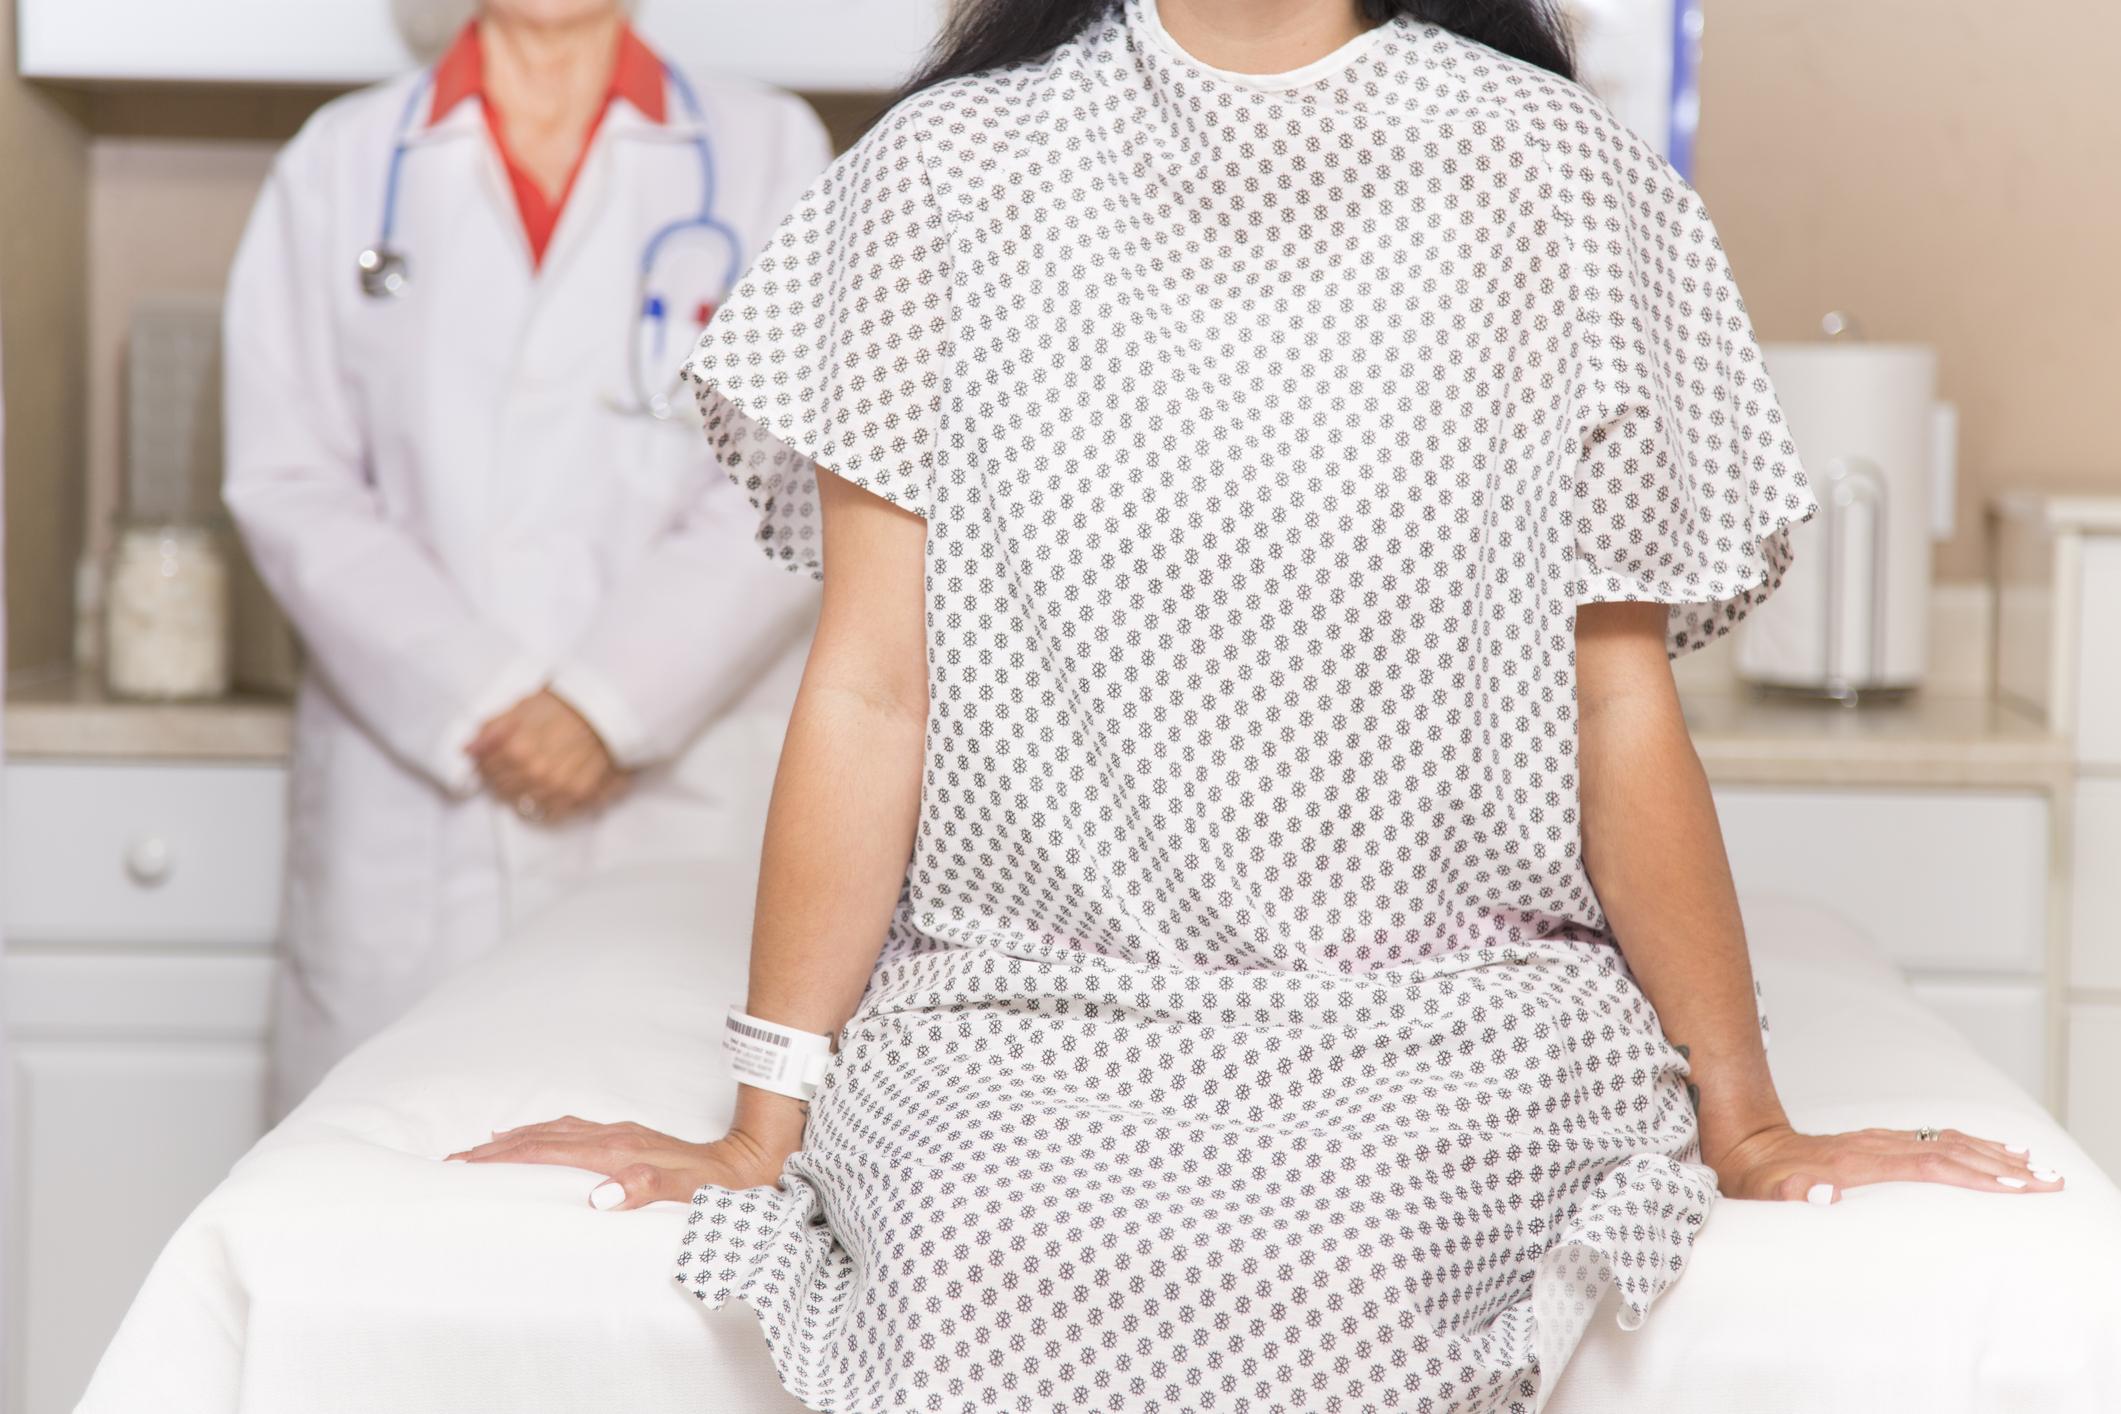 petefészekrák vagy endometriózis)